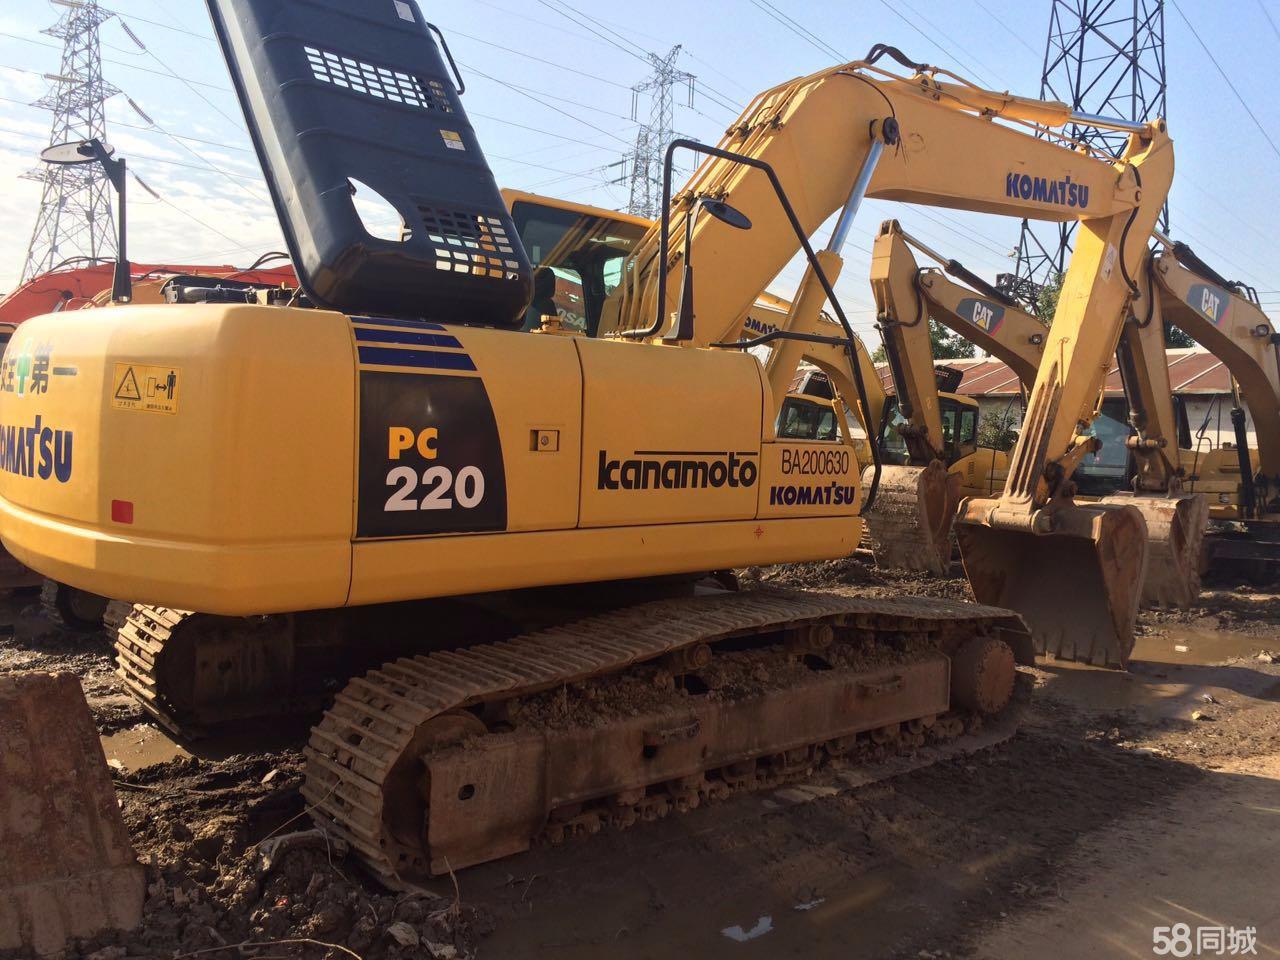 出售 小松220挖掘机